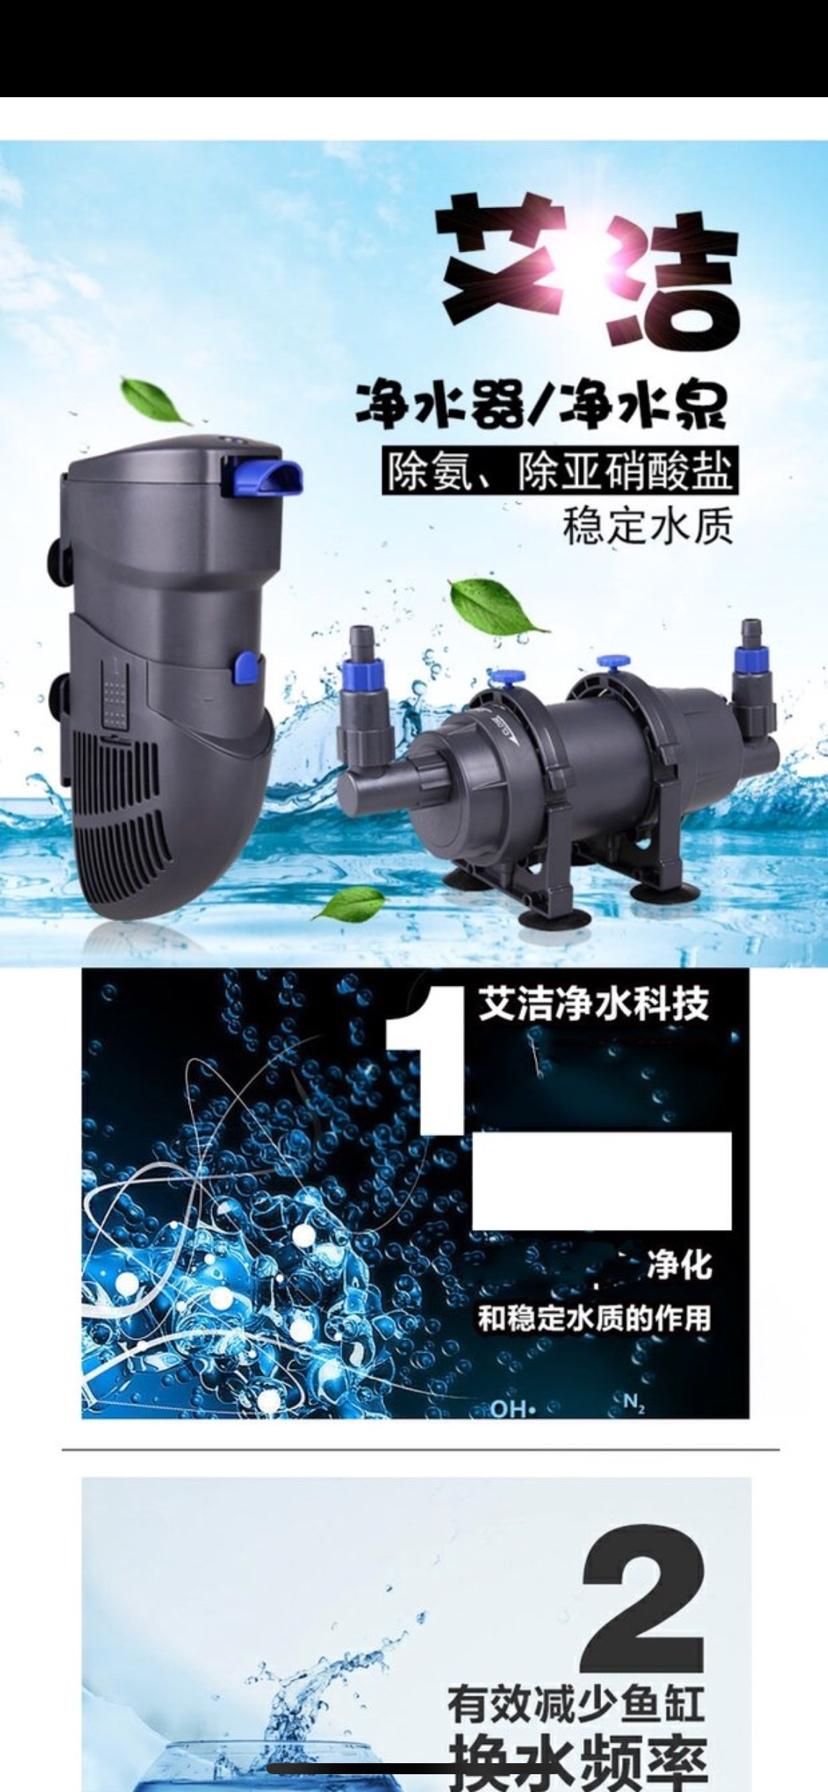 大家觉得这个有用么 北京观赏鱼 北京龙鱼第1张